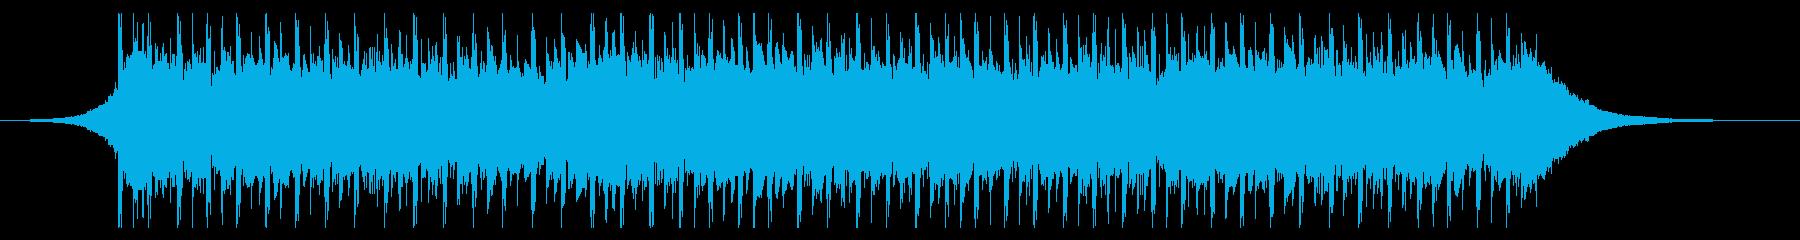 建設(30秒)の再生済みの波形